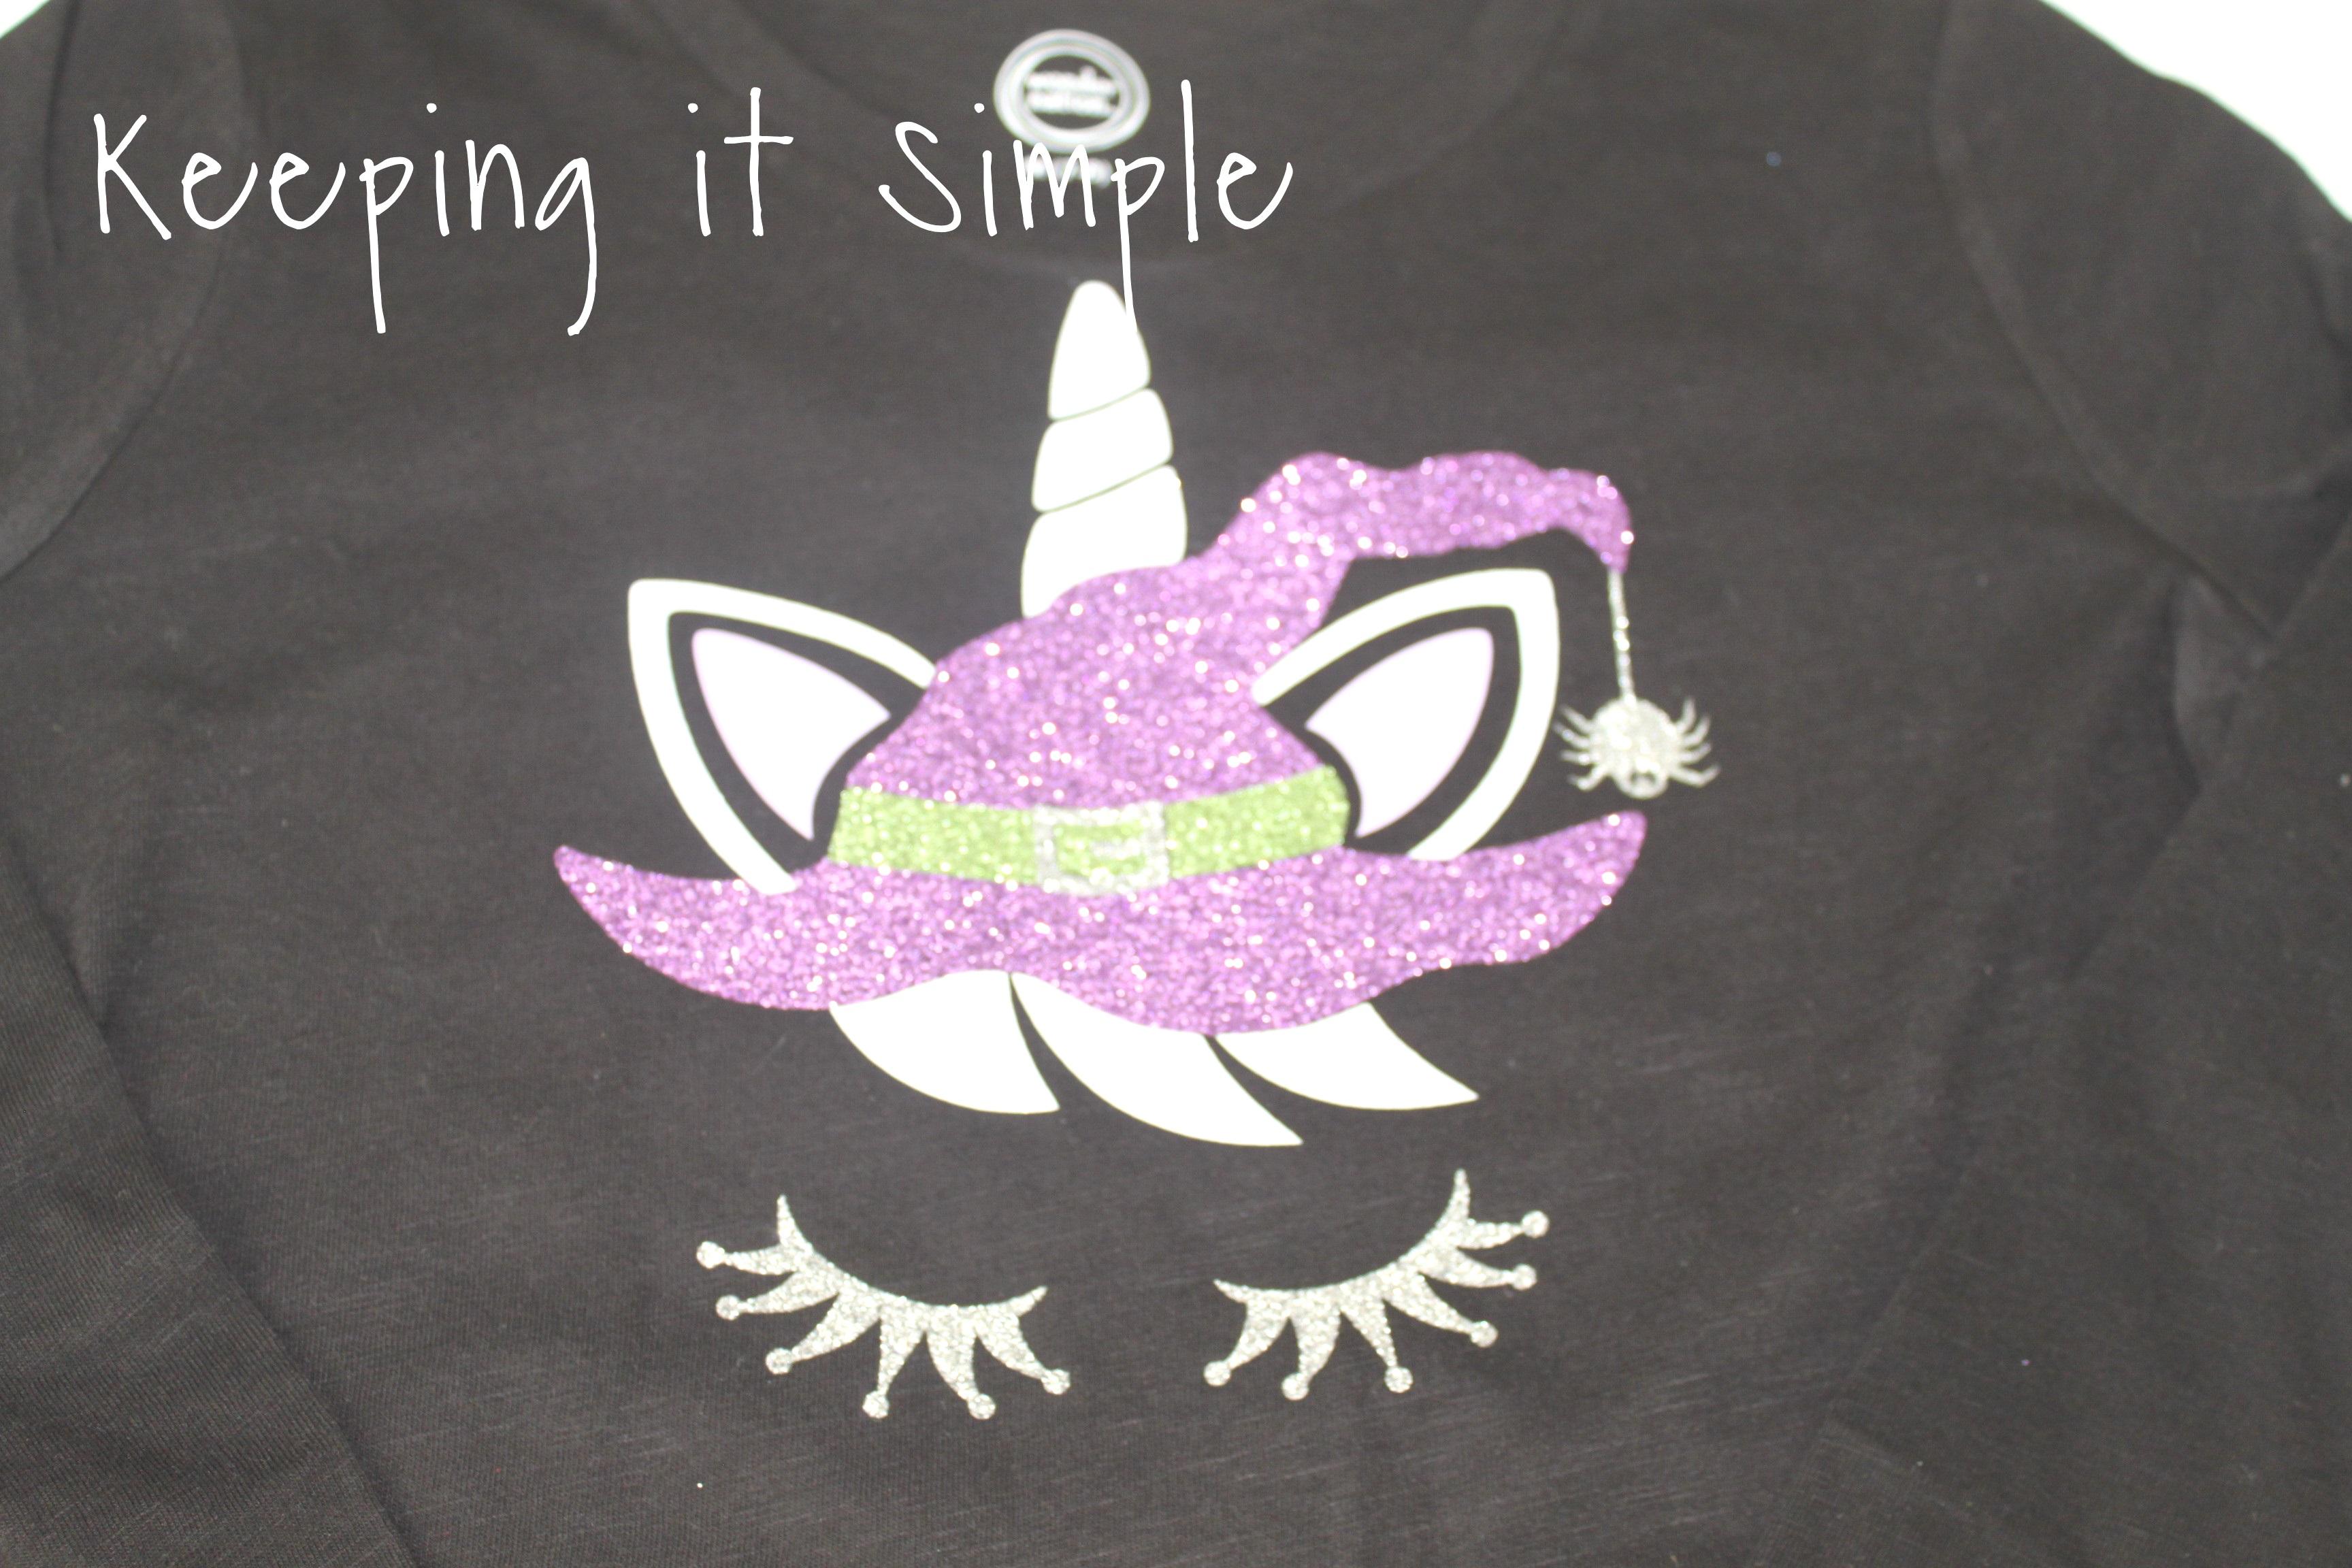 Halloween Shirt Ideas Girls.Little Girls Halloween Shirt Ideas 2 2 Keeping It Simple